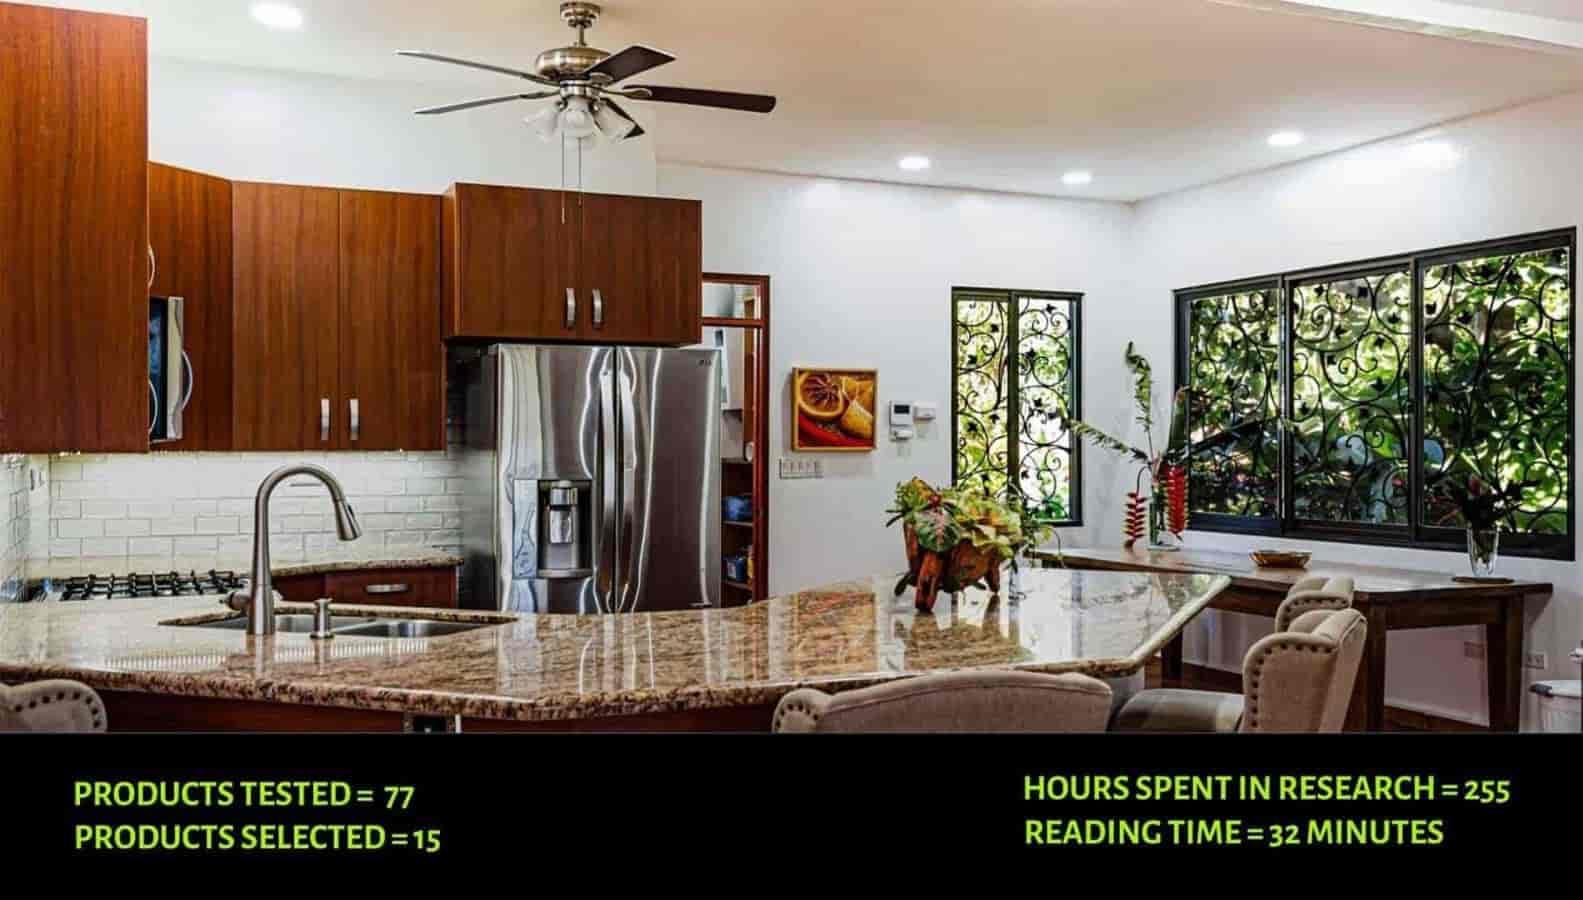 Best Refrigerator in India 2021: BEST REFRIGERATOR BRAND PICKS